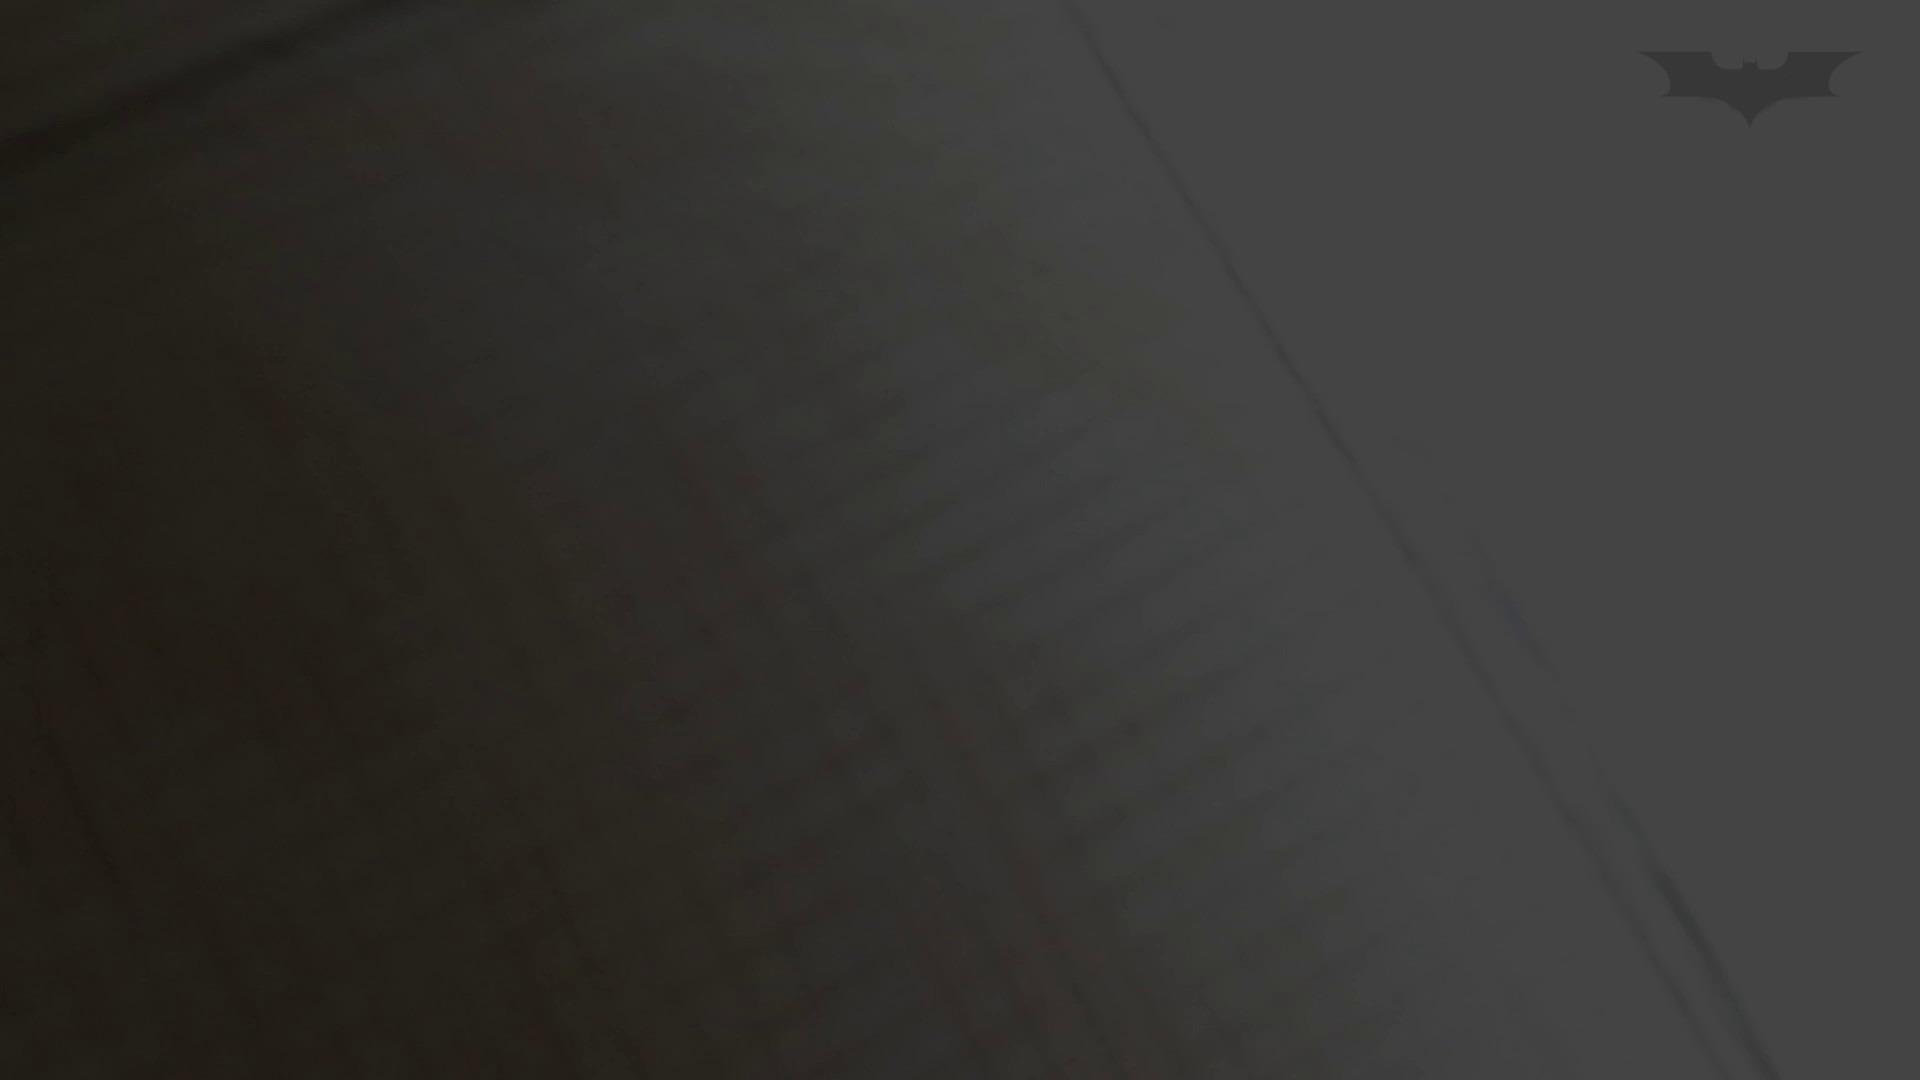 ハメ撮り 芸術大学ガチ潜入盗撮 JD盗撮 美女の洗面所の秘密 Vol.112 怪盗ジョーカー